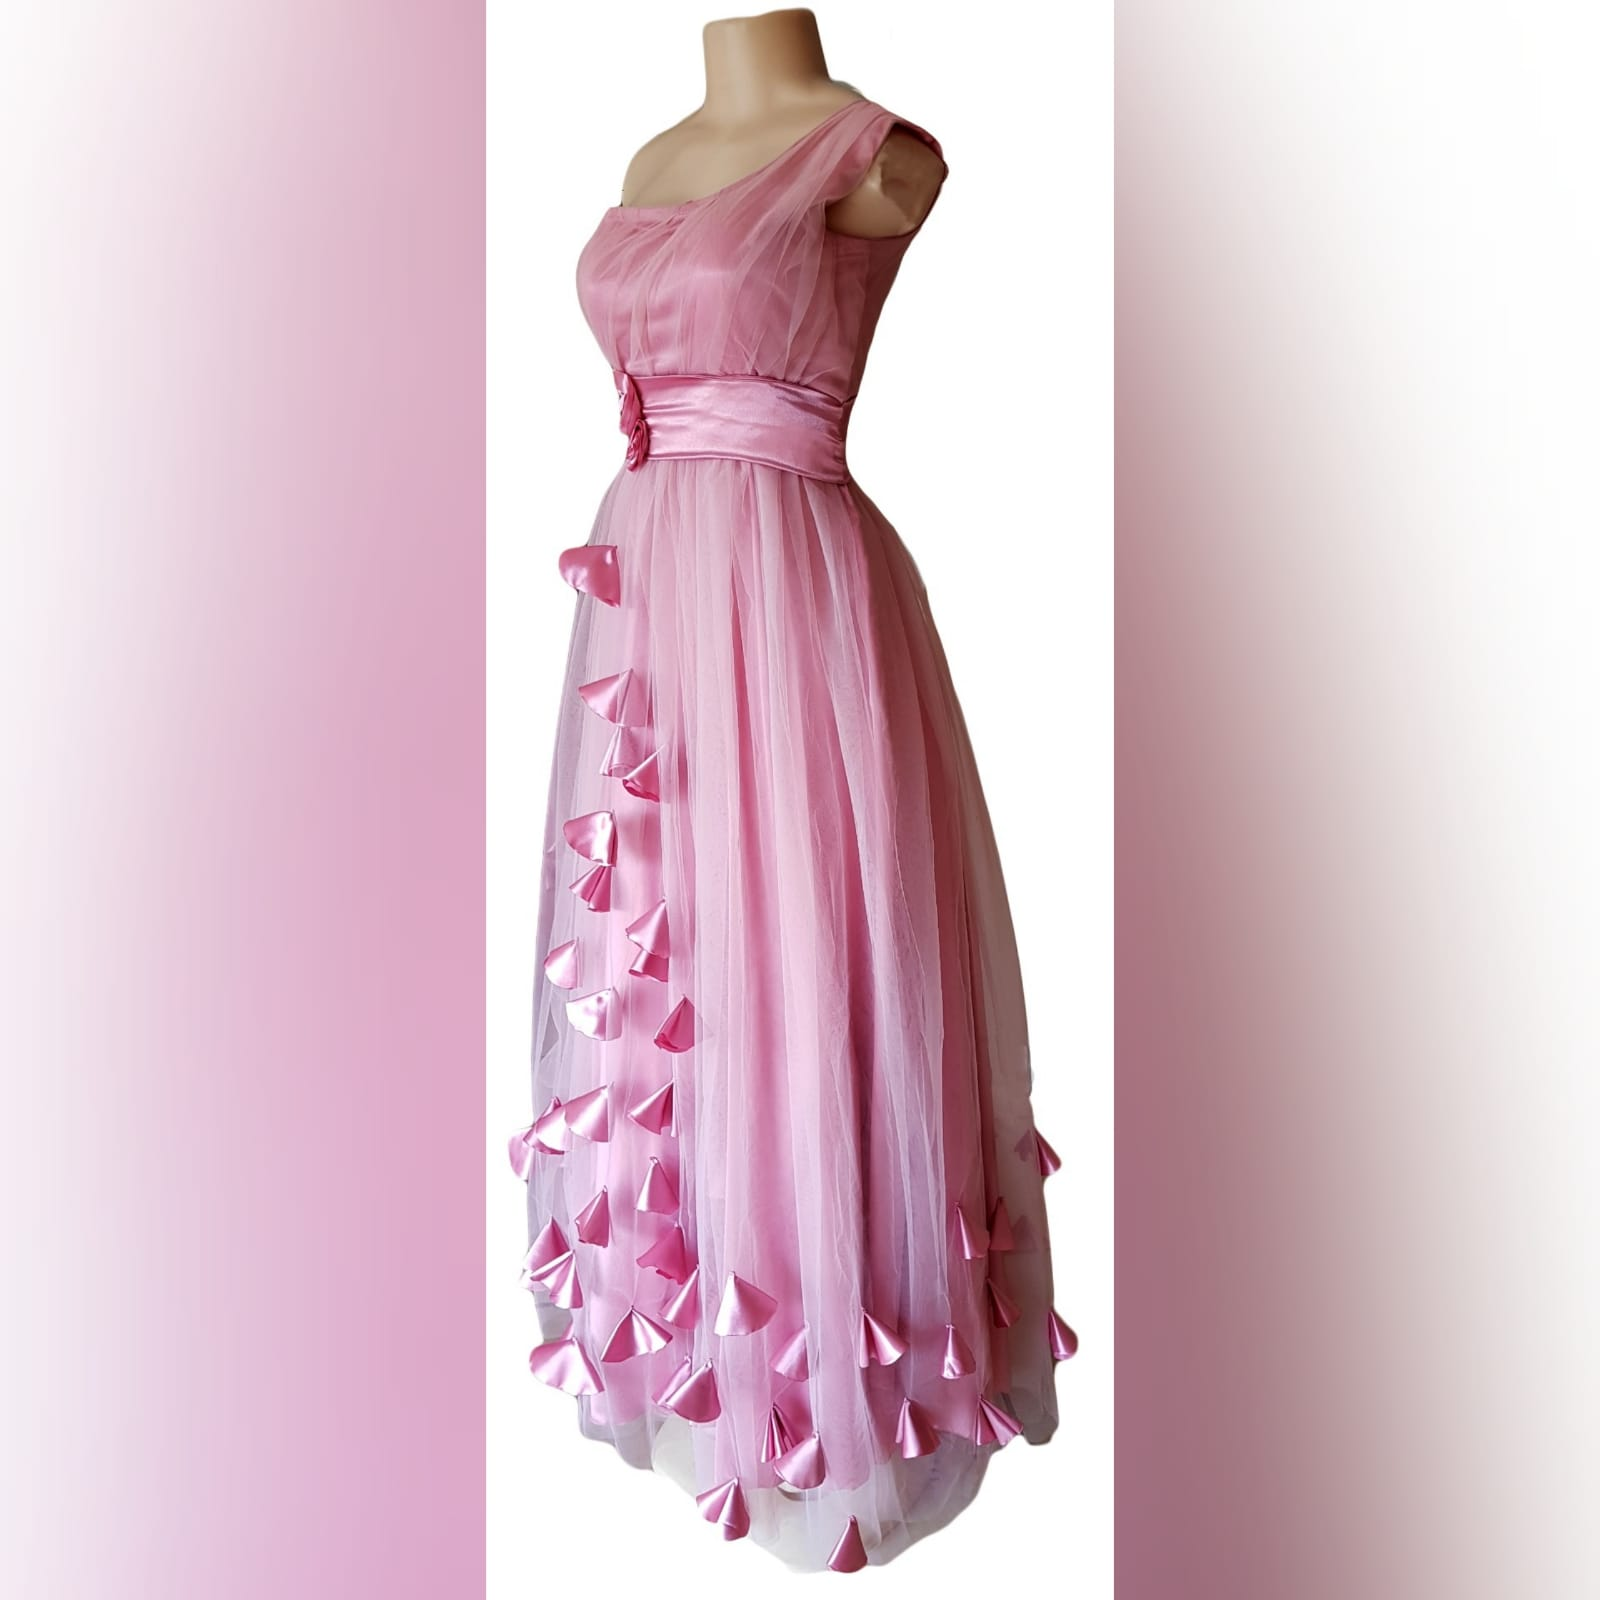 Vestido de dama de honra cor de rosa longo 6 vestido de dama de honra longo, cor rosa de tule com um unico ombro , corpete reunido, cinto de cetim , detalhado com rosas e pétalas.